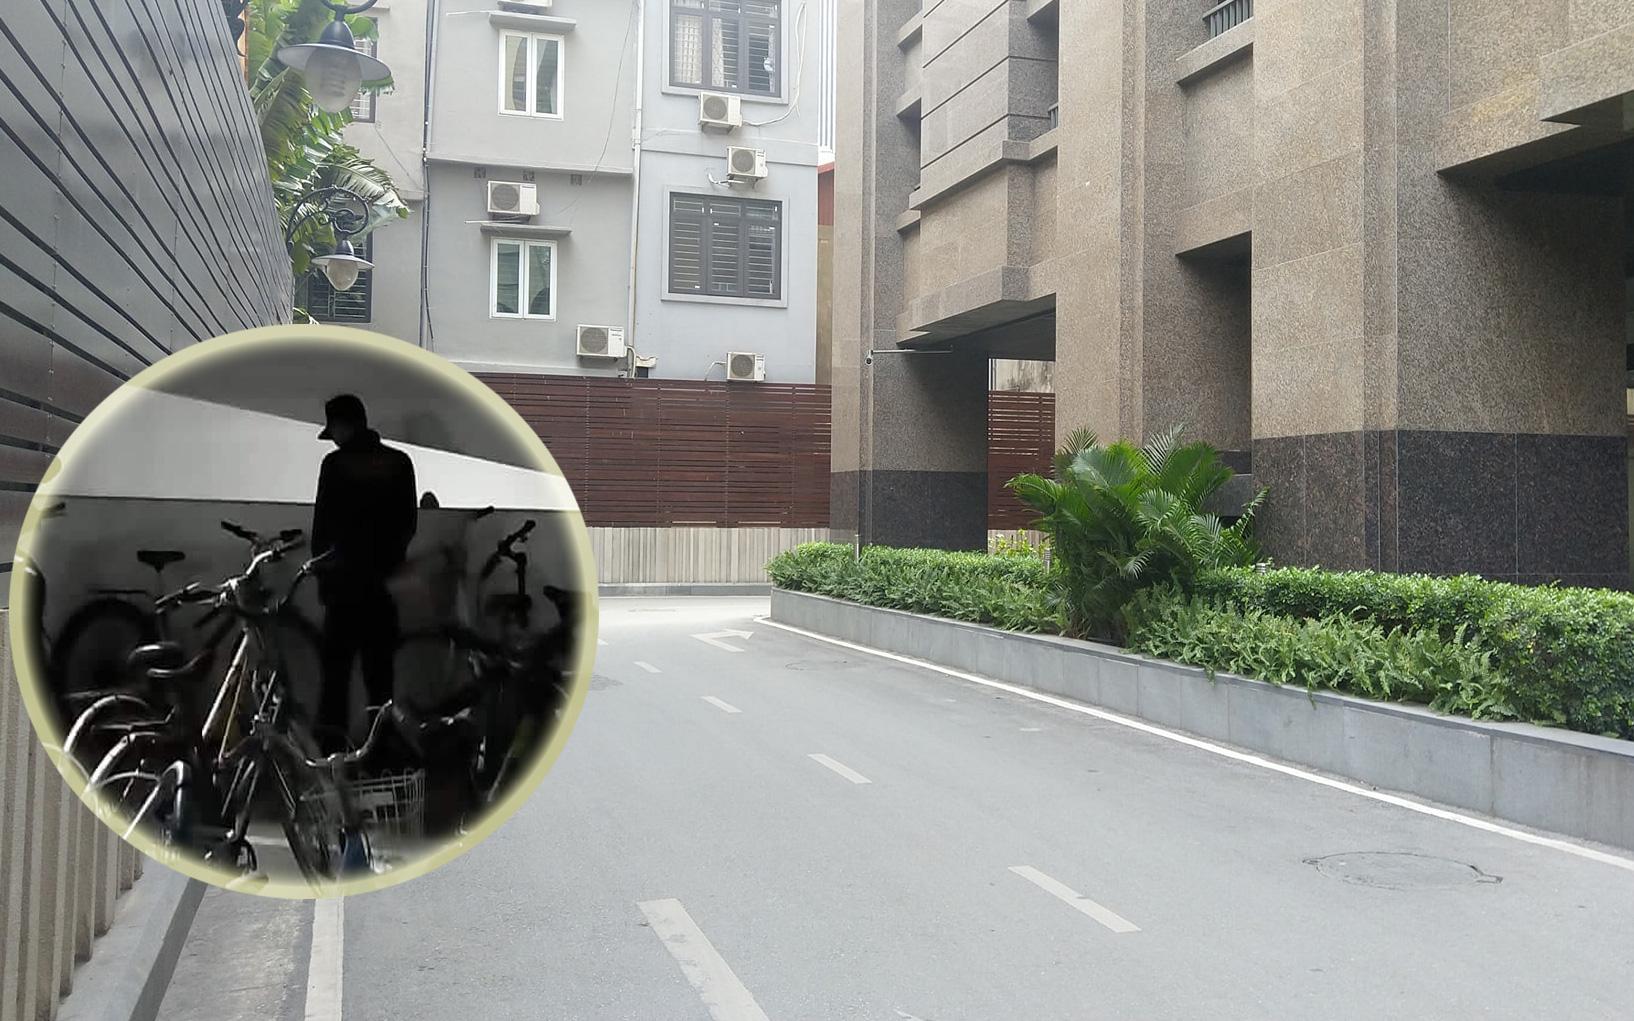 Hà Nội: Cư dân chung cư cao cấp phẫn nộ phát hiện bảo vệ tè bậy ngay tại tầng hầm